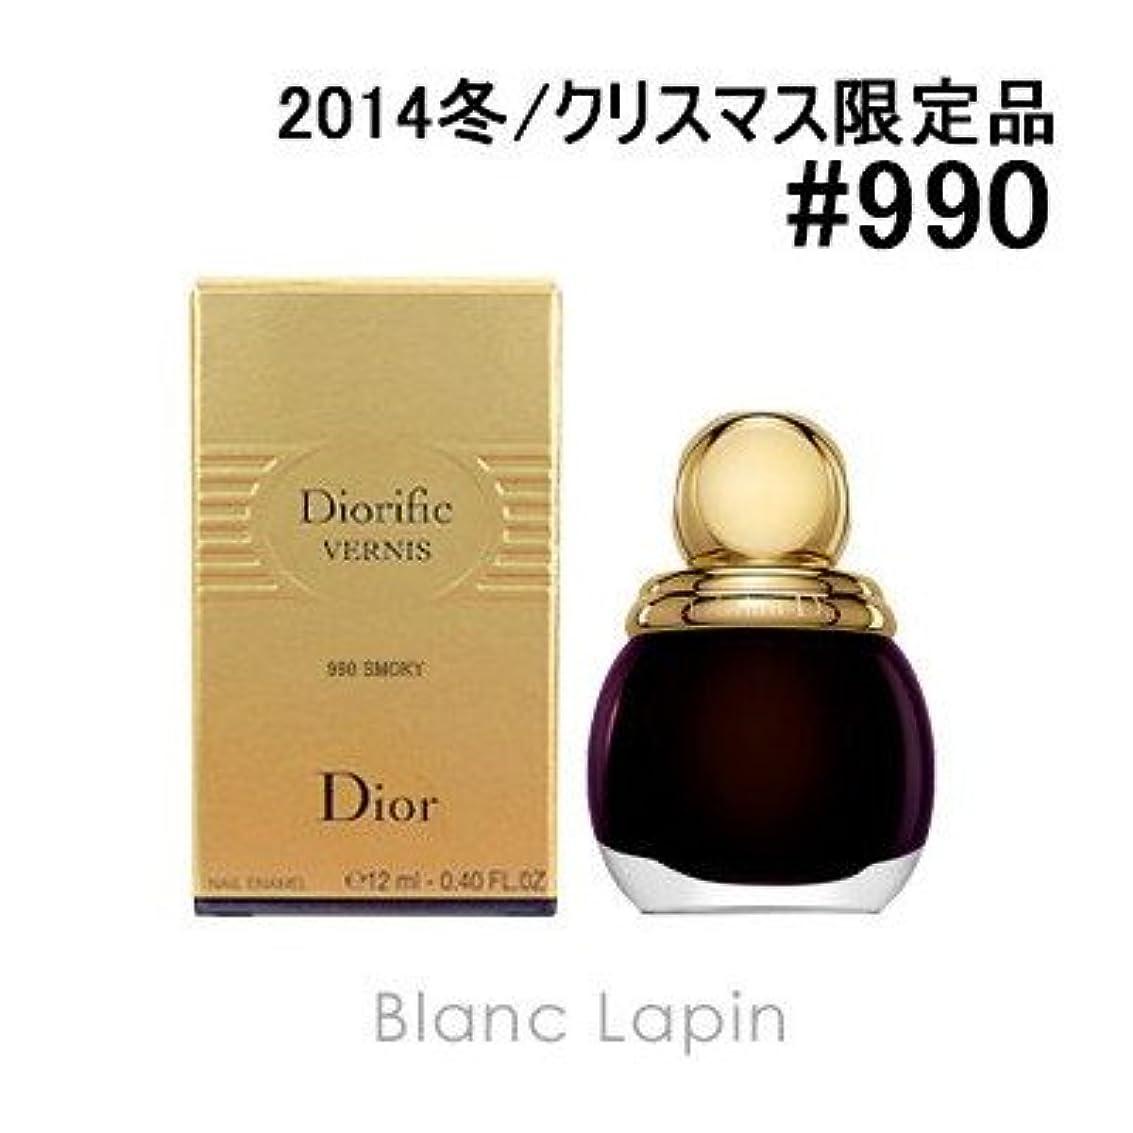 インセンティブバンガロー波Dior ヴェルニディオリフィック #990 スモーキー 12ml [225519] [並行輸入品]